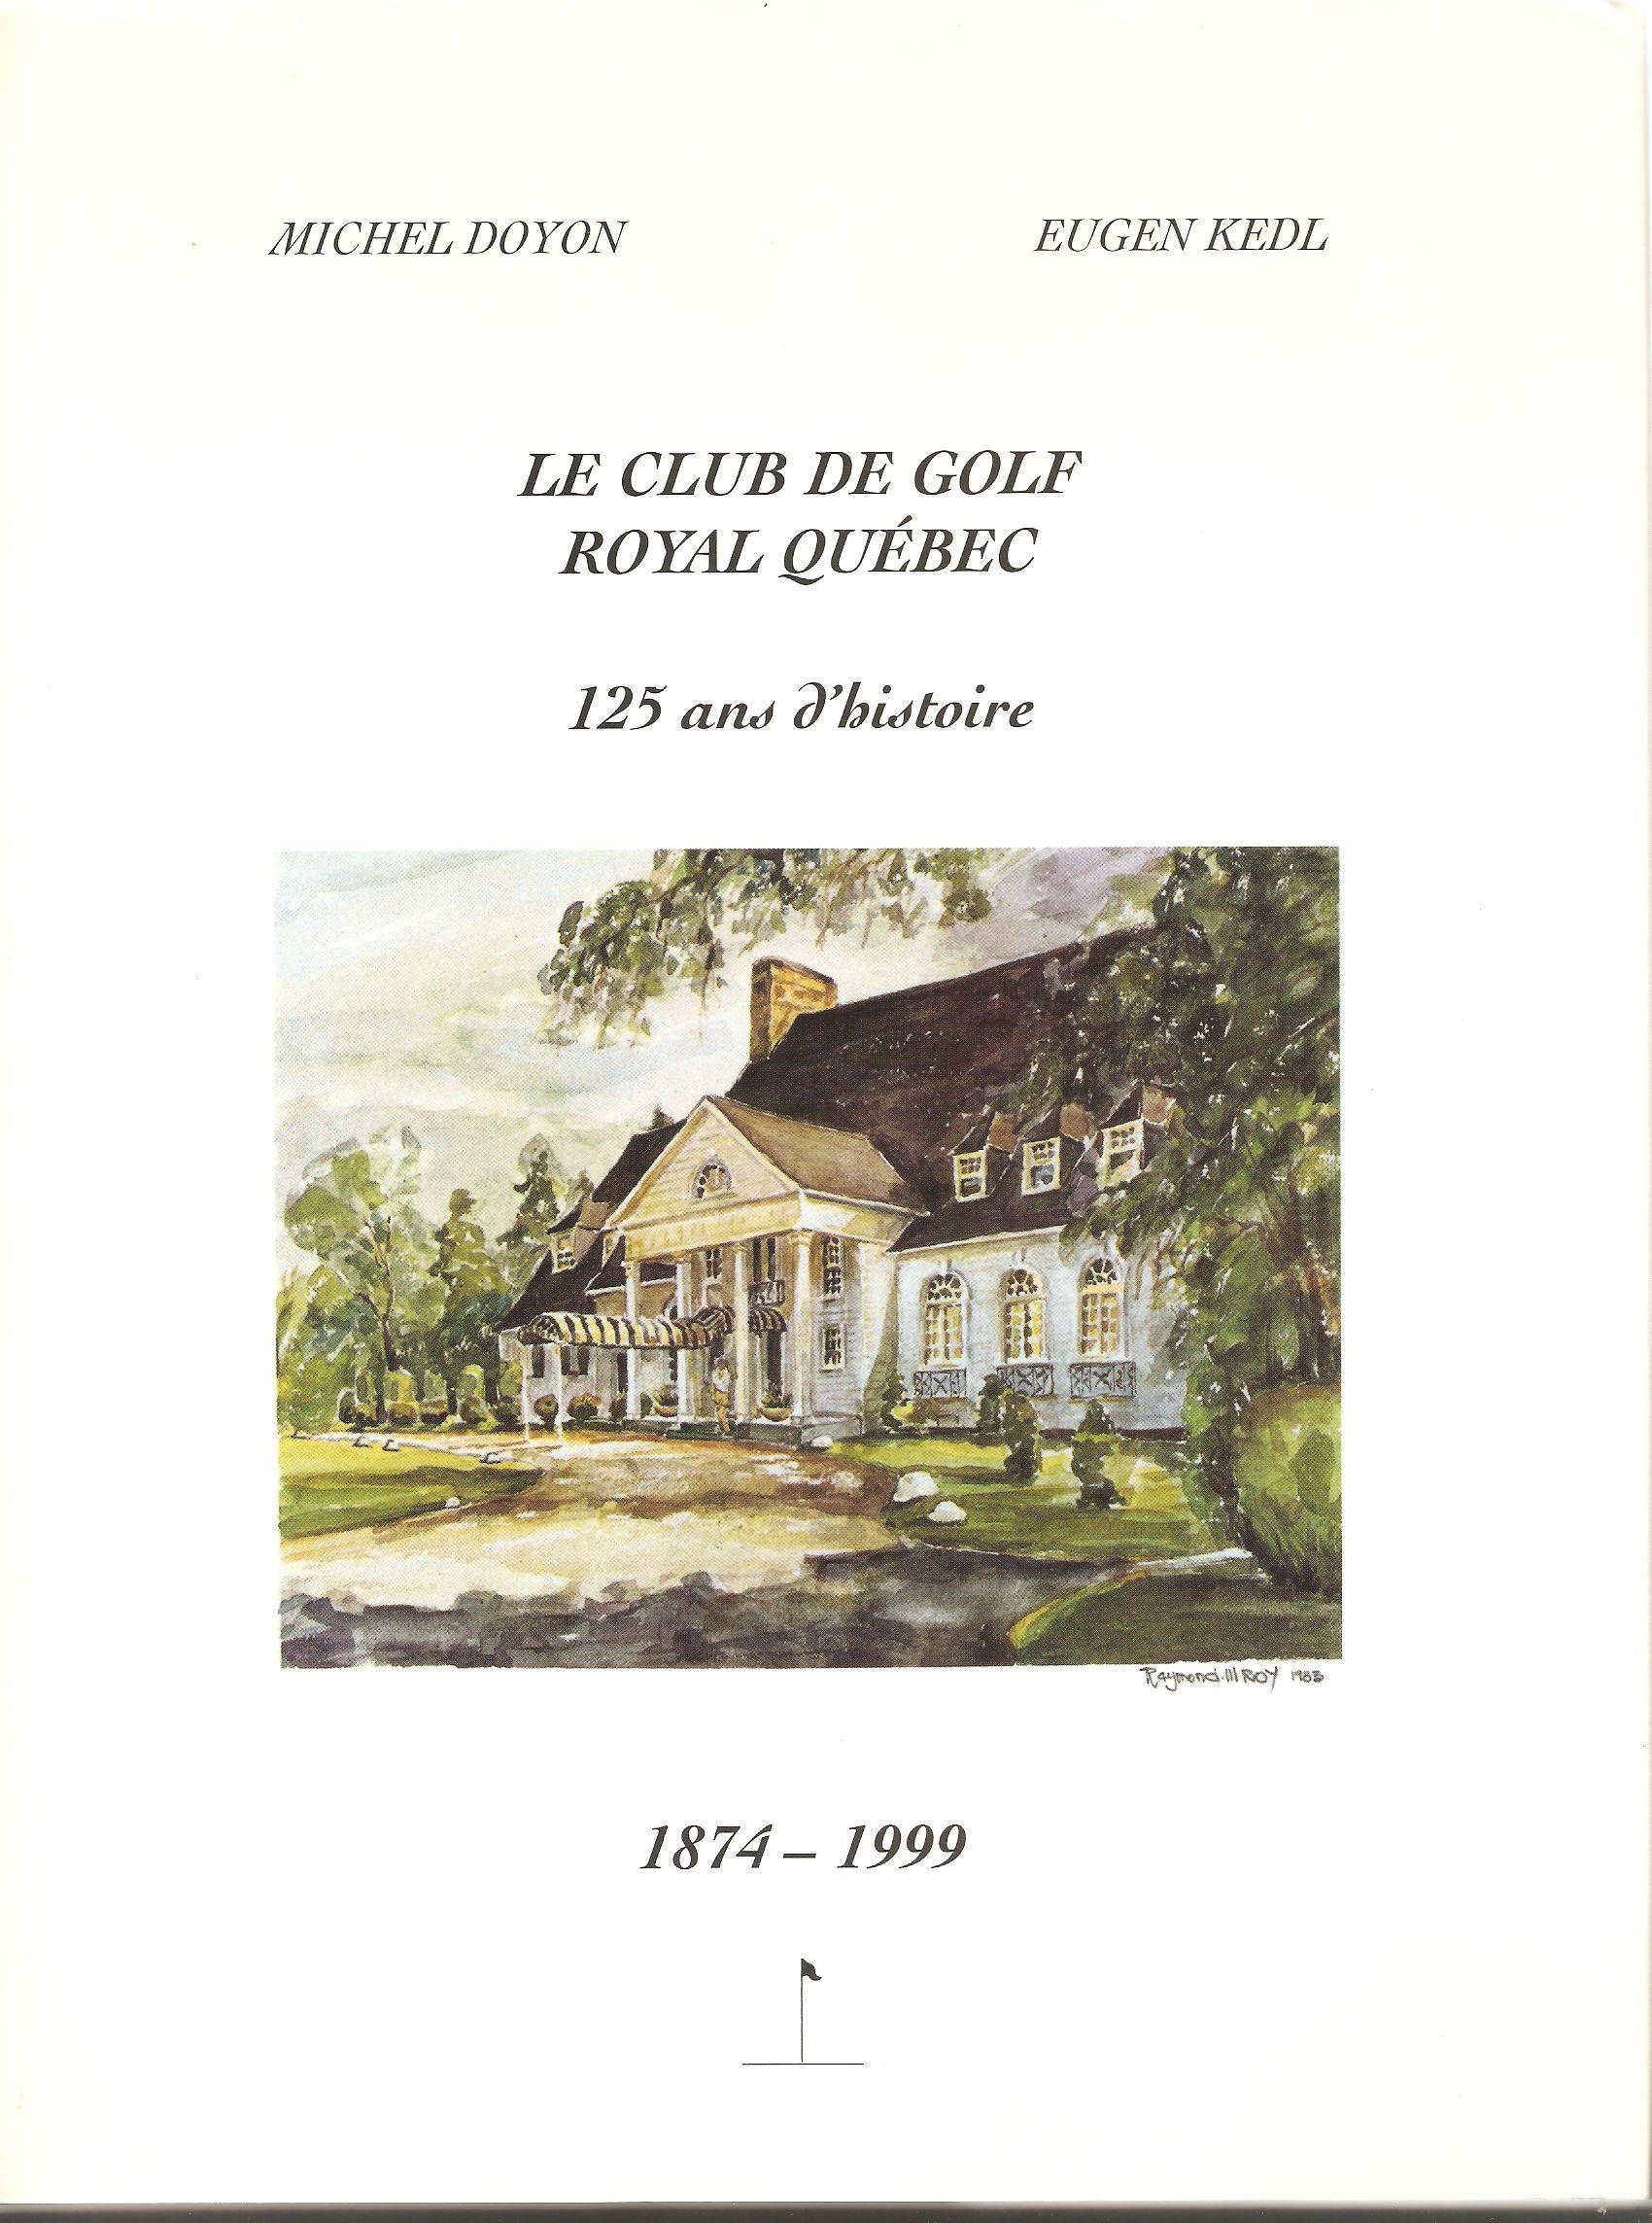 Couverture du du livre Le Club de golf Royal Quebec 1874-1999, de MM. Michel Doyon et Eugen Kedl: